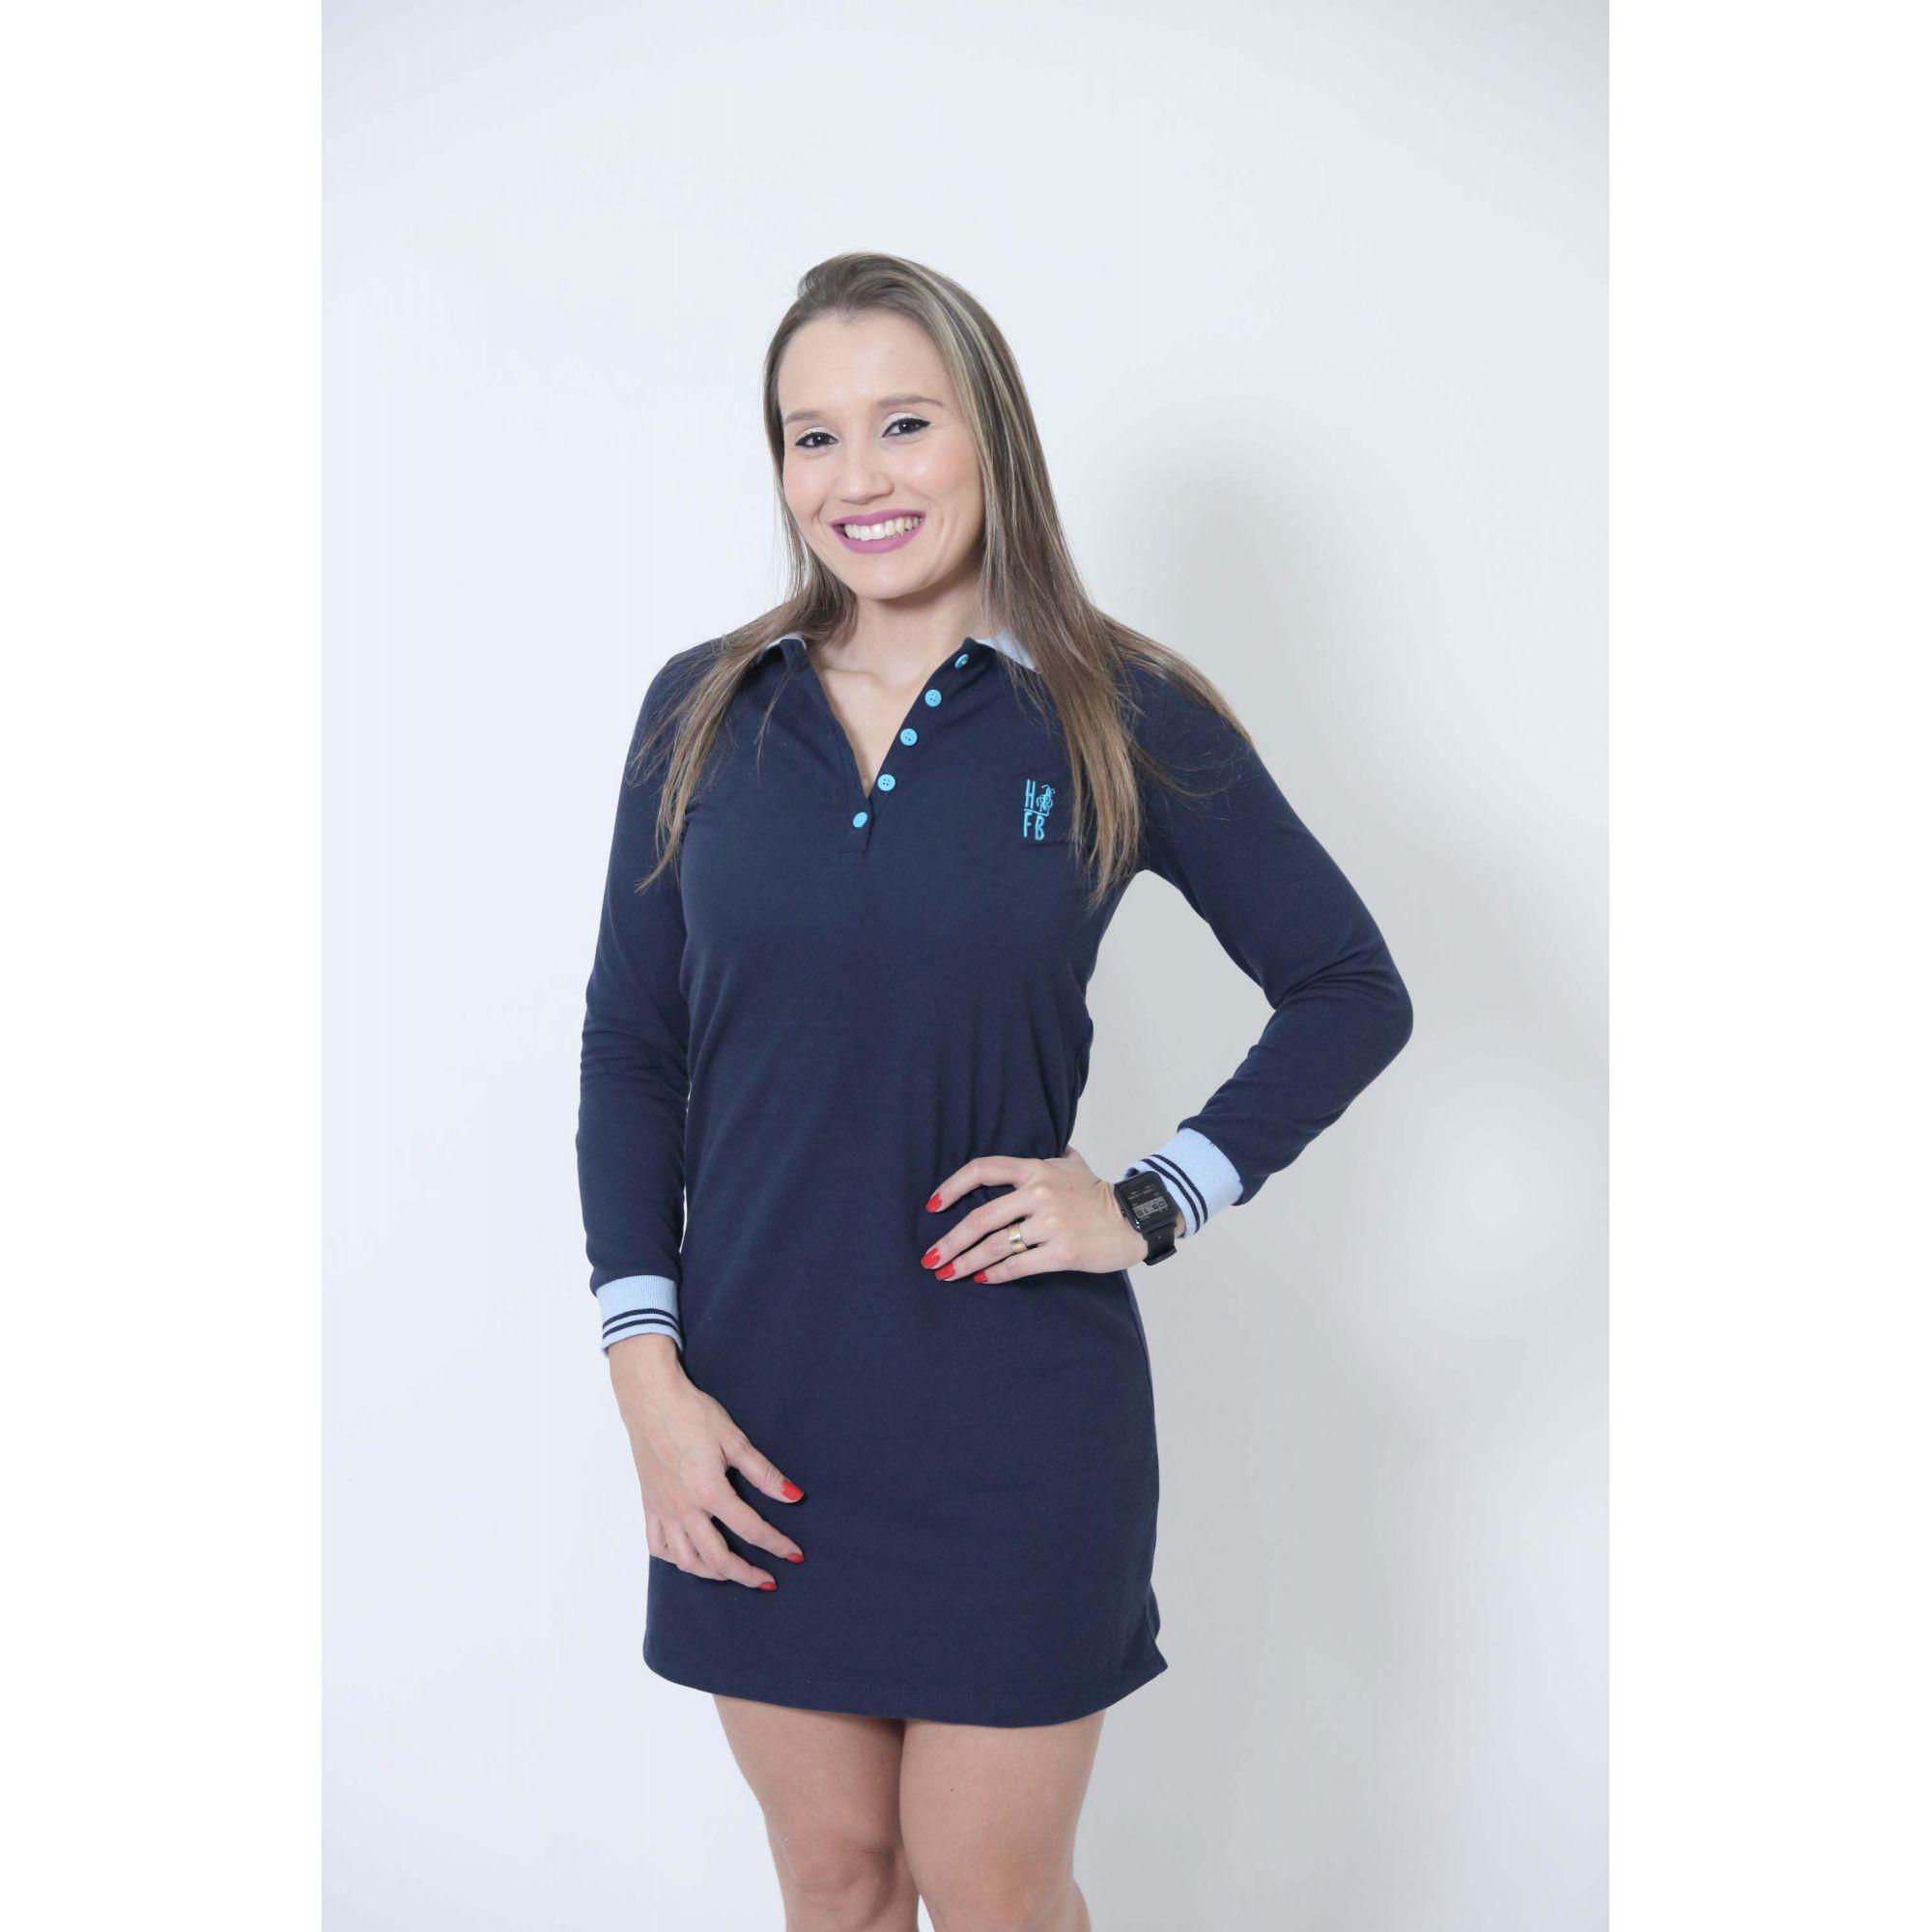 MÃE E PET > Kit 02 Peças - Vestido Polo e Bandana Azul Manga Longa [Coleção Tal Mãe Tal Filho]  - Heitor Fashion Brazil